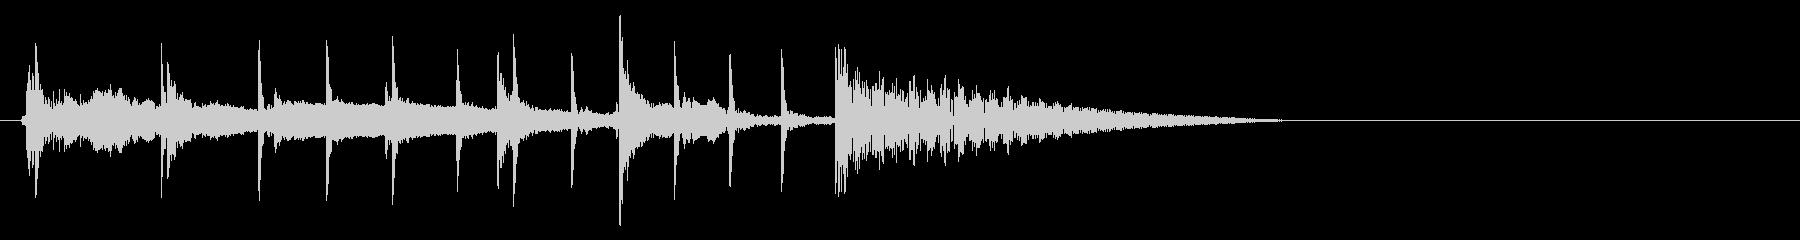 三味線と太鼓と笛の不穏な感じの未再生の波形